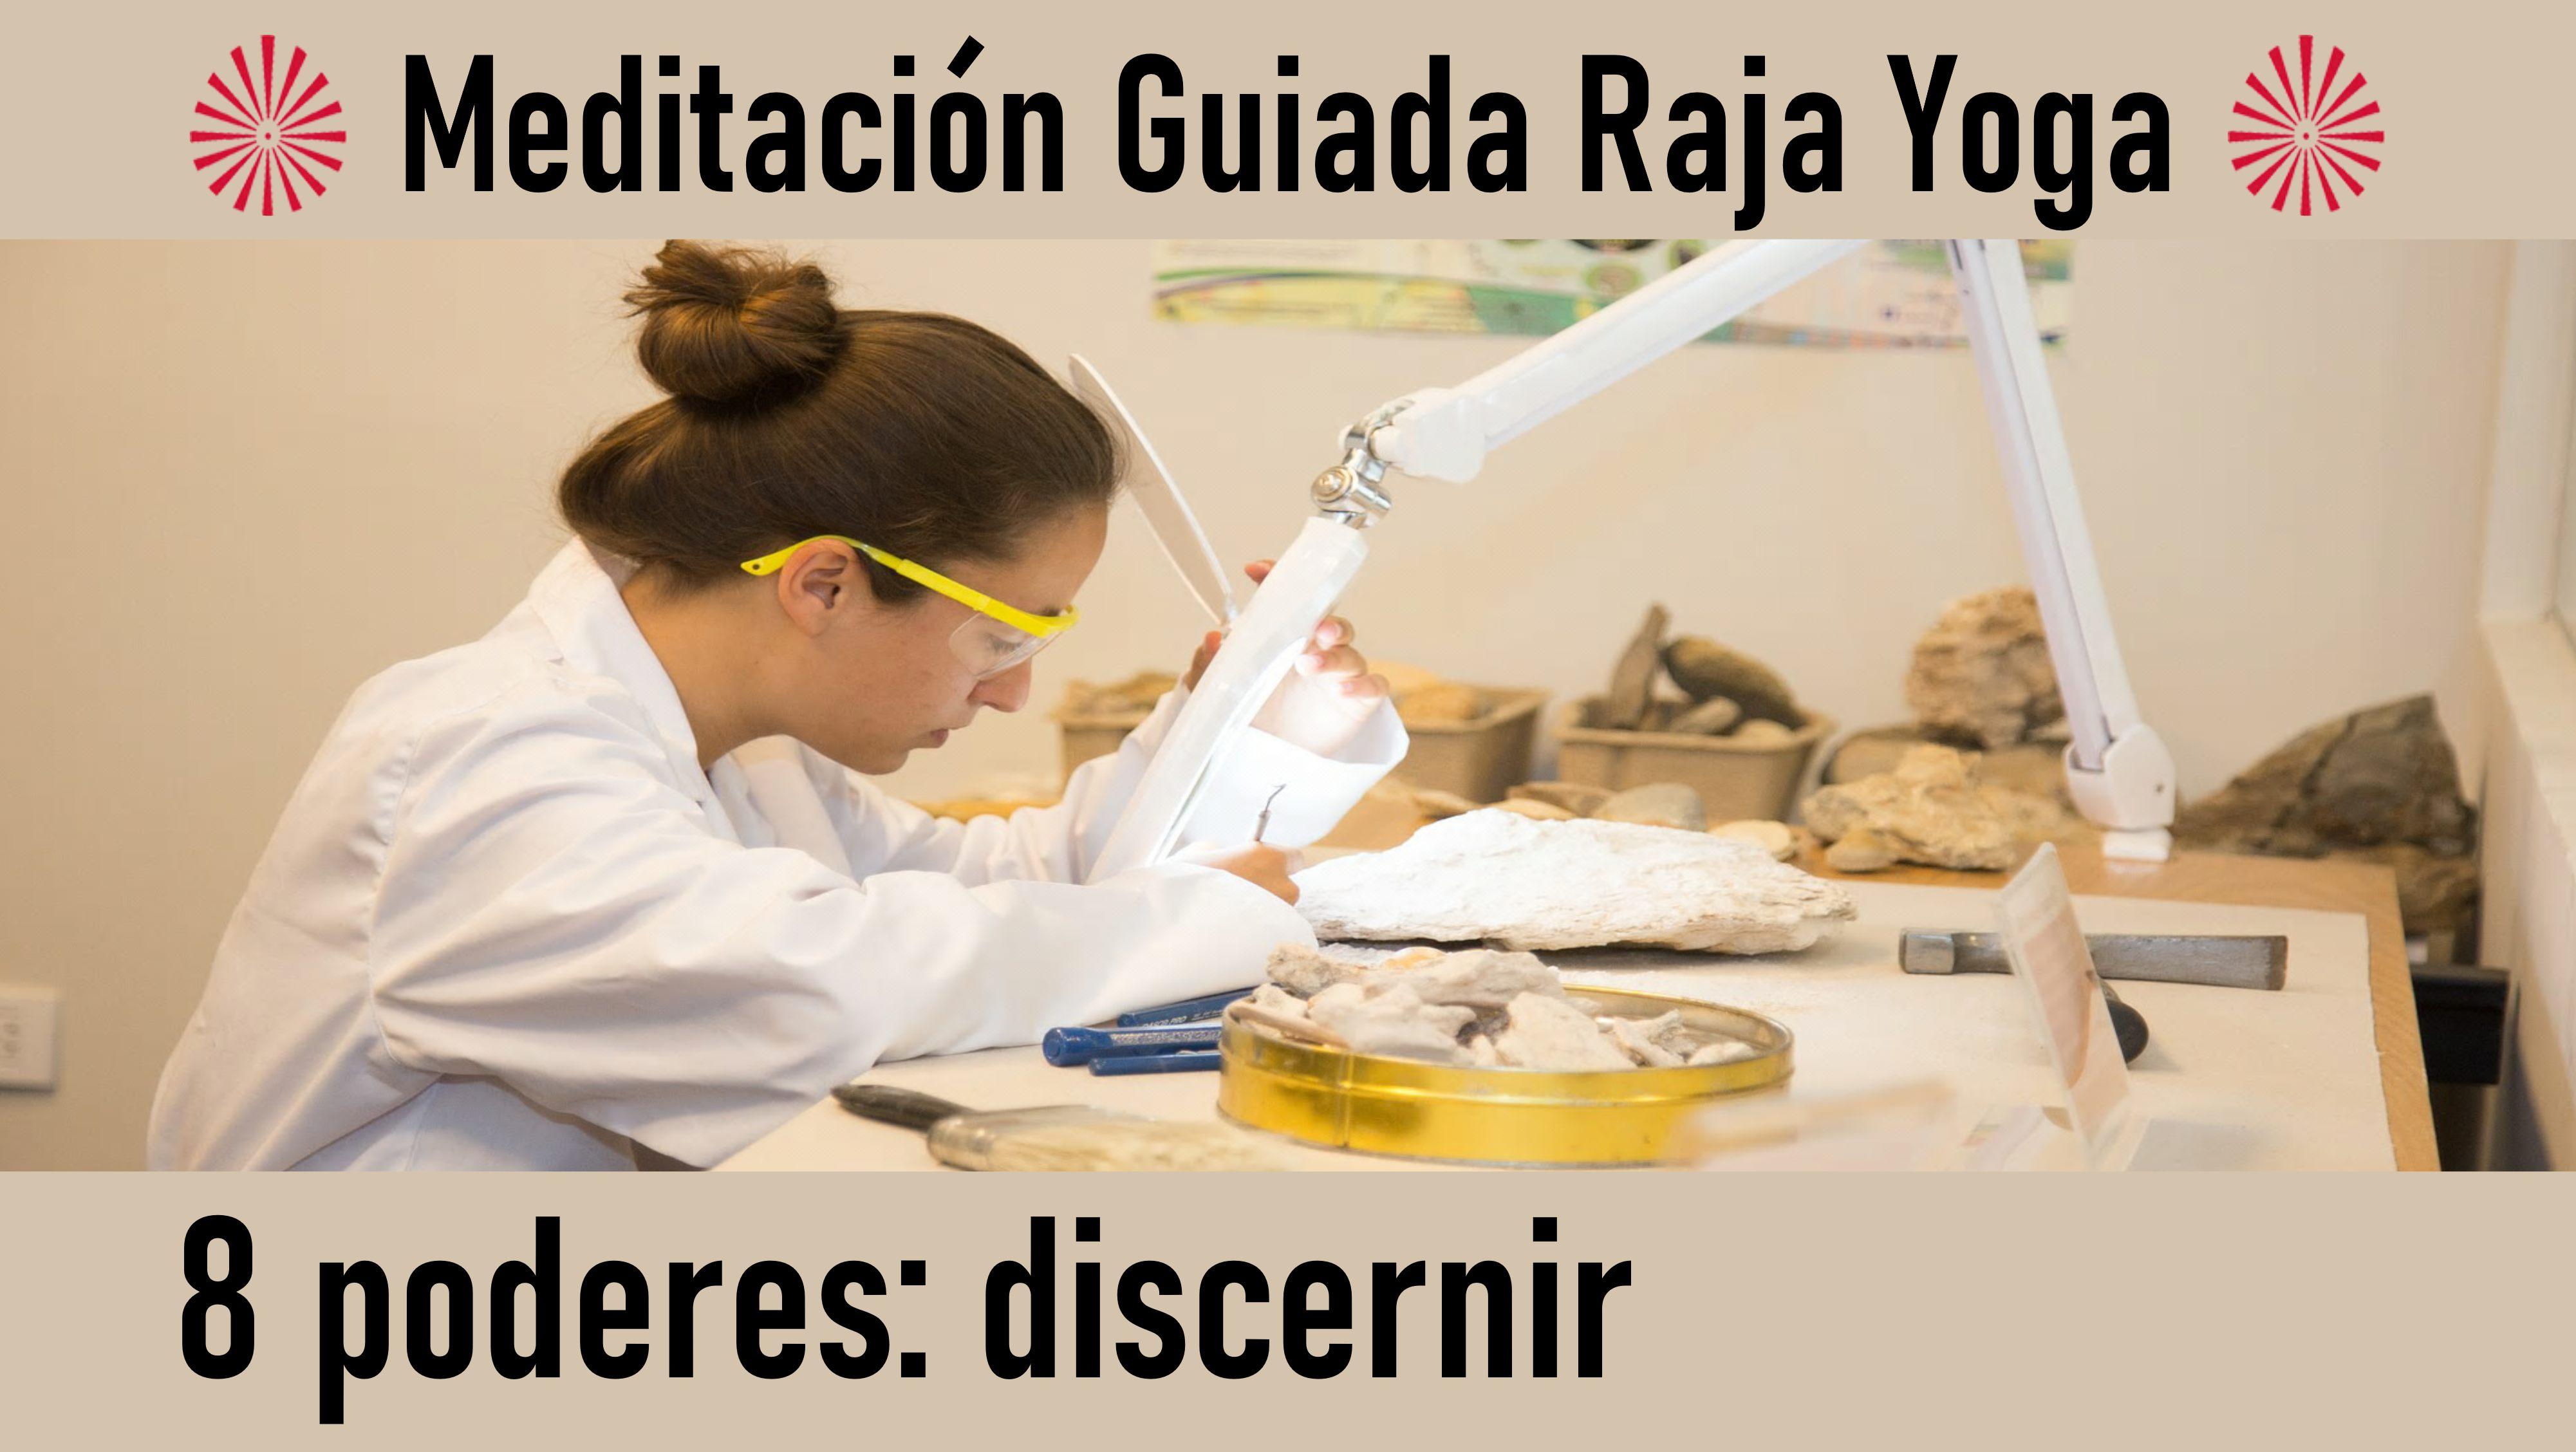 Meditación Raja Yoga: Los 8 poderes - Discernir (7 Julio 2020) On-line desde Canarias